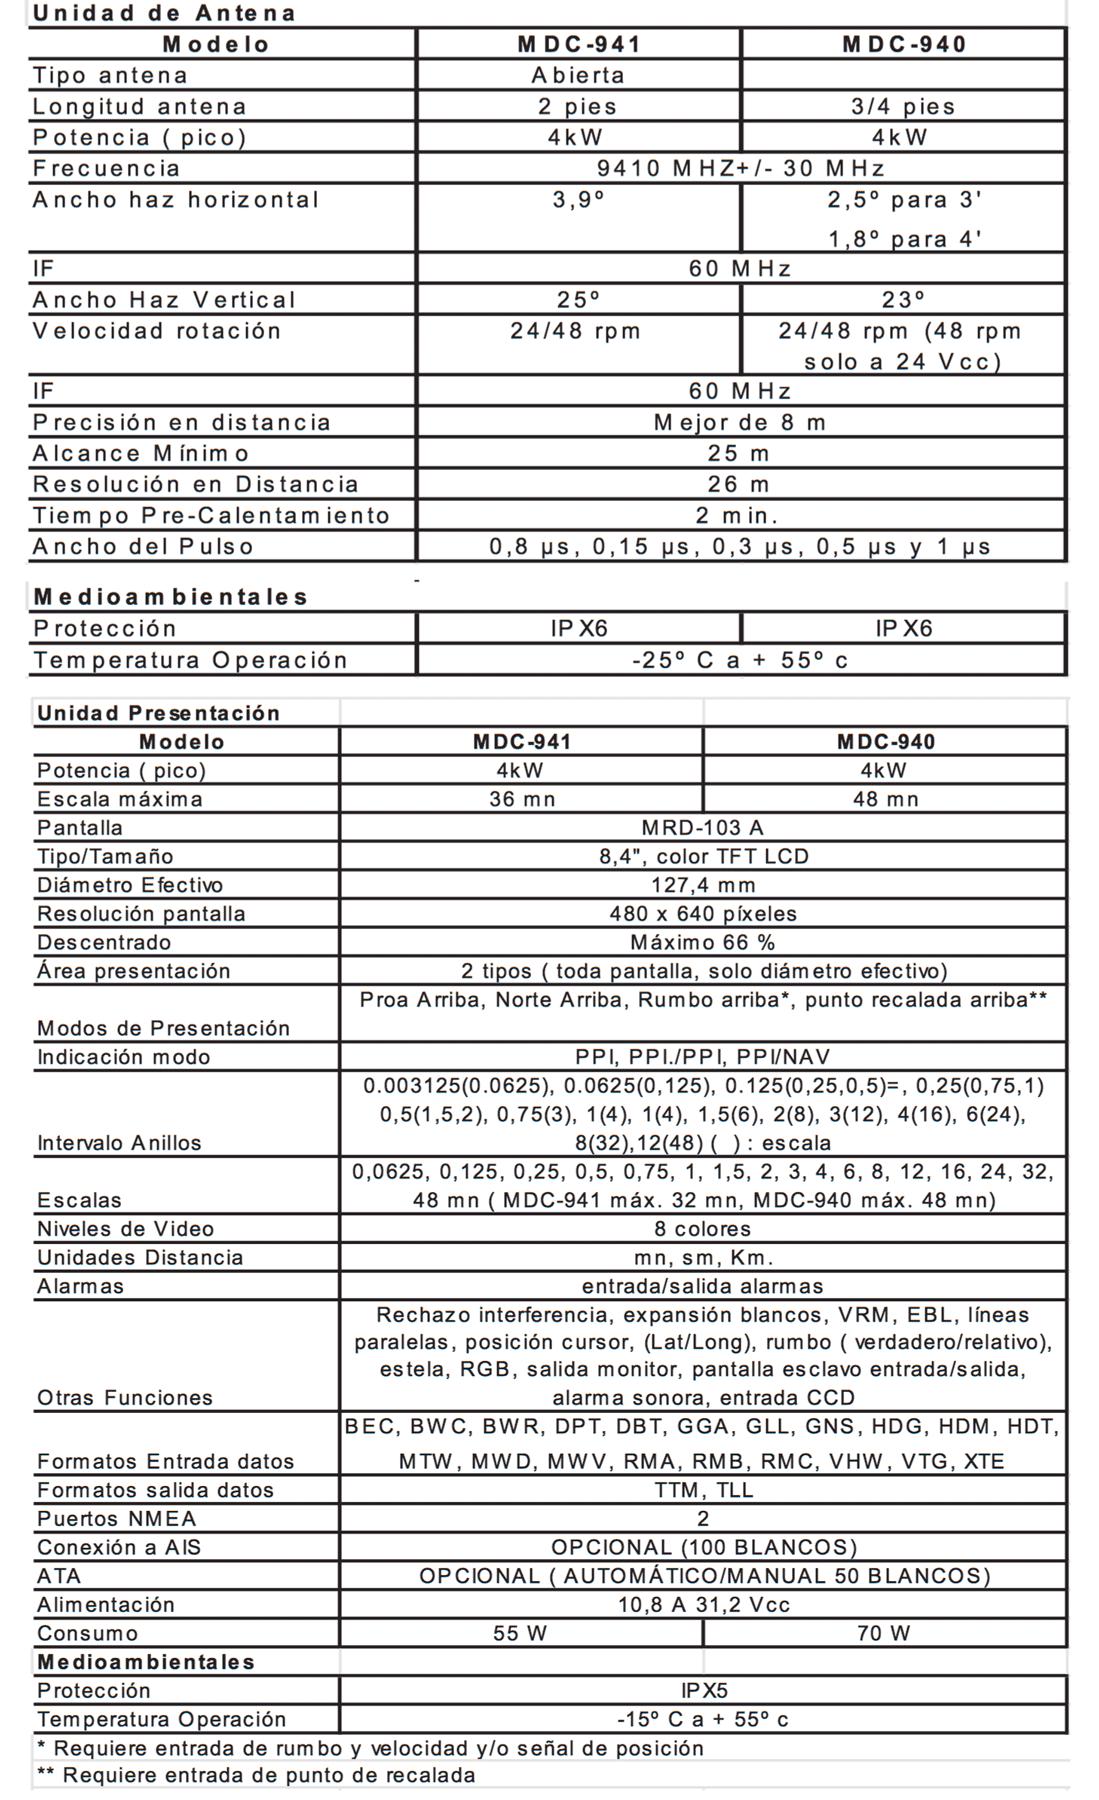 Especificaciones técnicas radar Koden